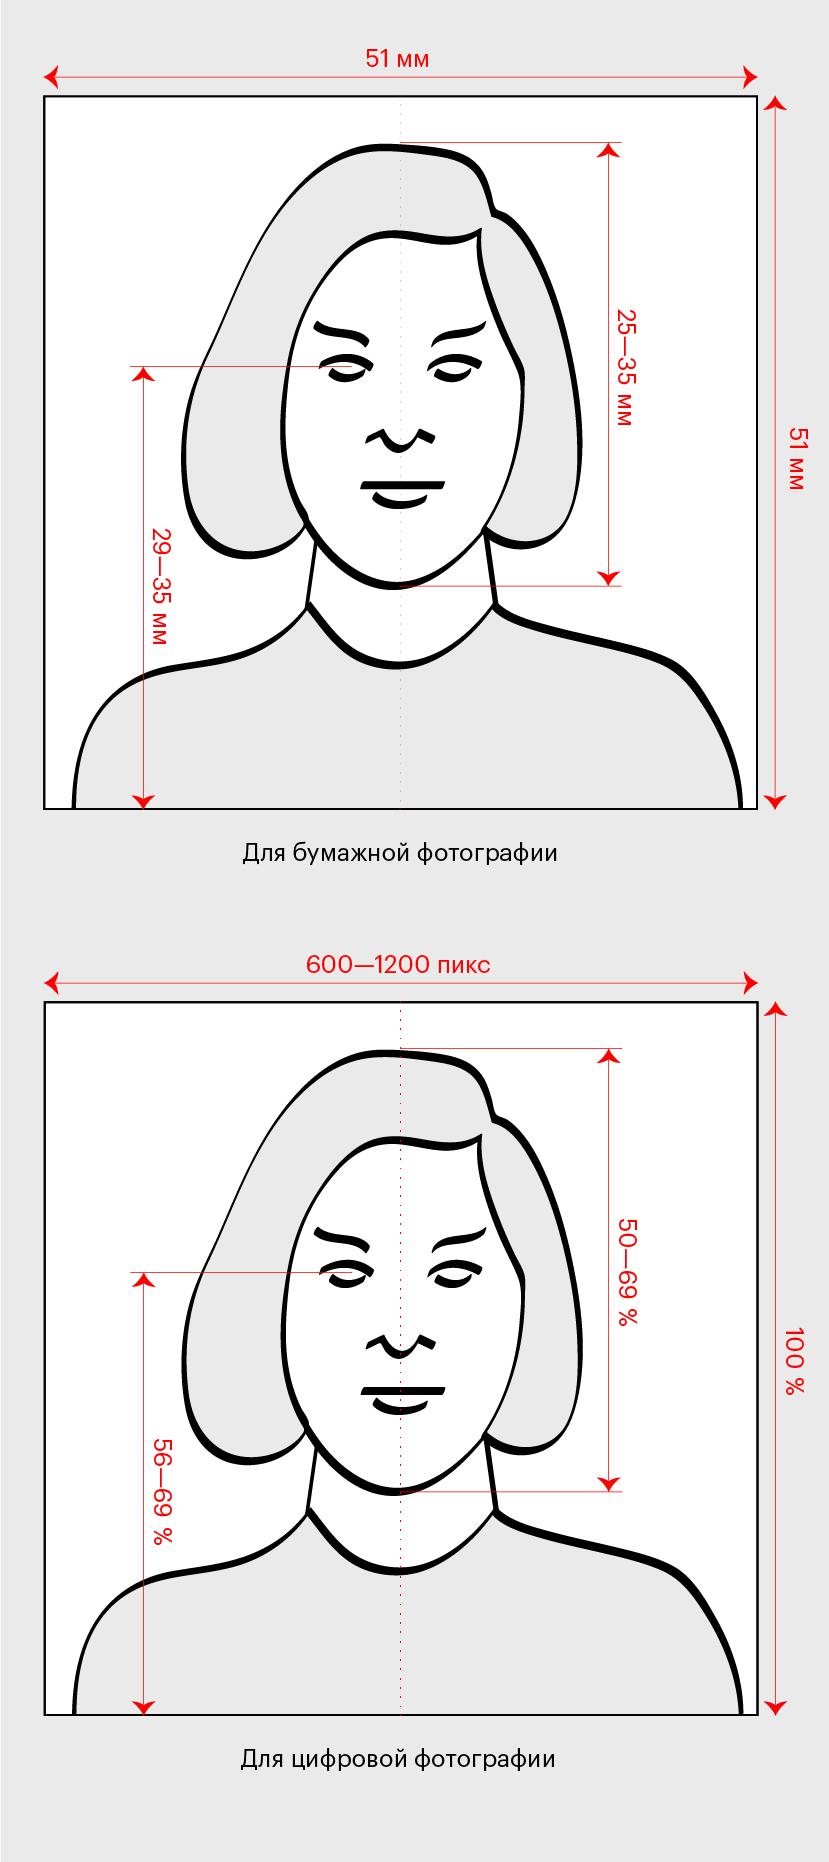 Правильные композиции фотографий дляподачи заявки